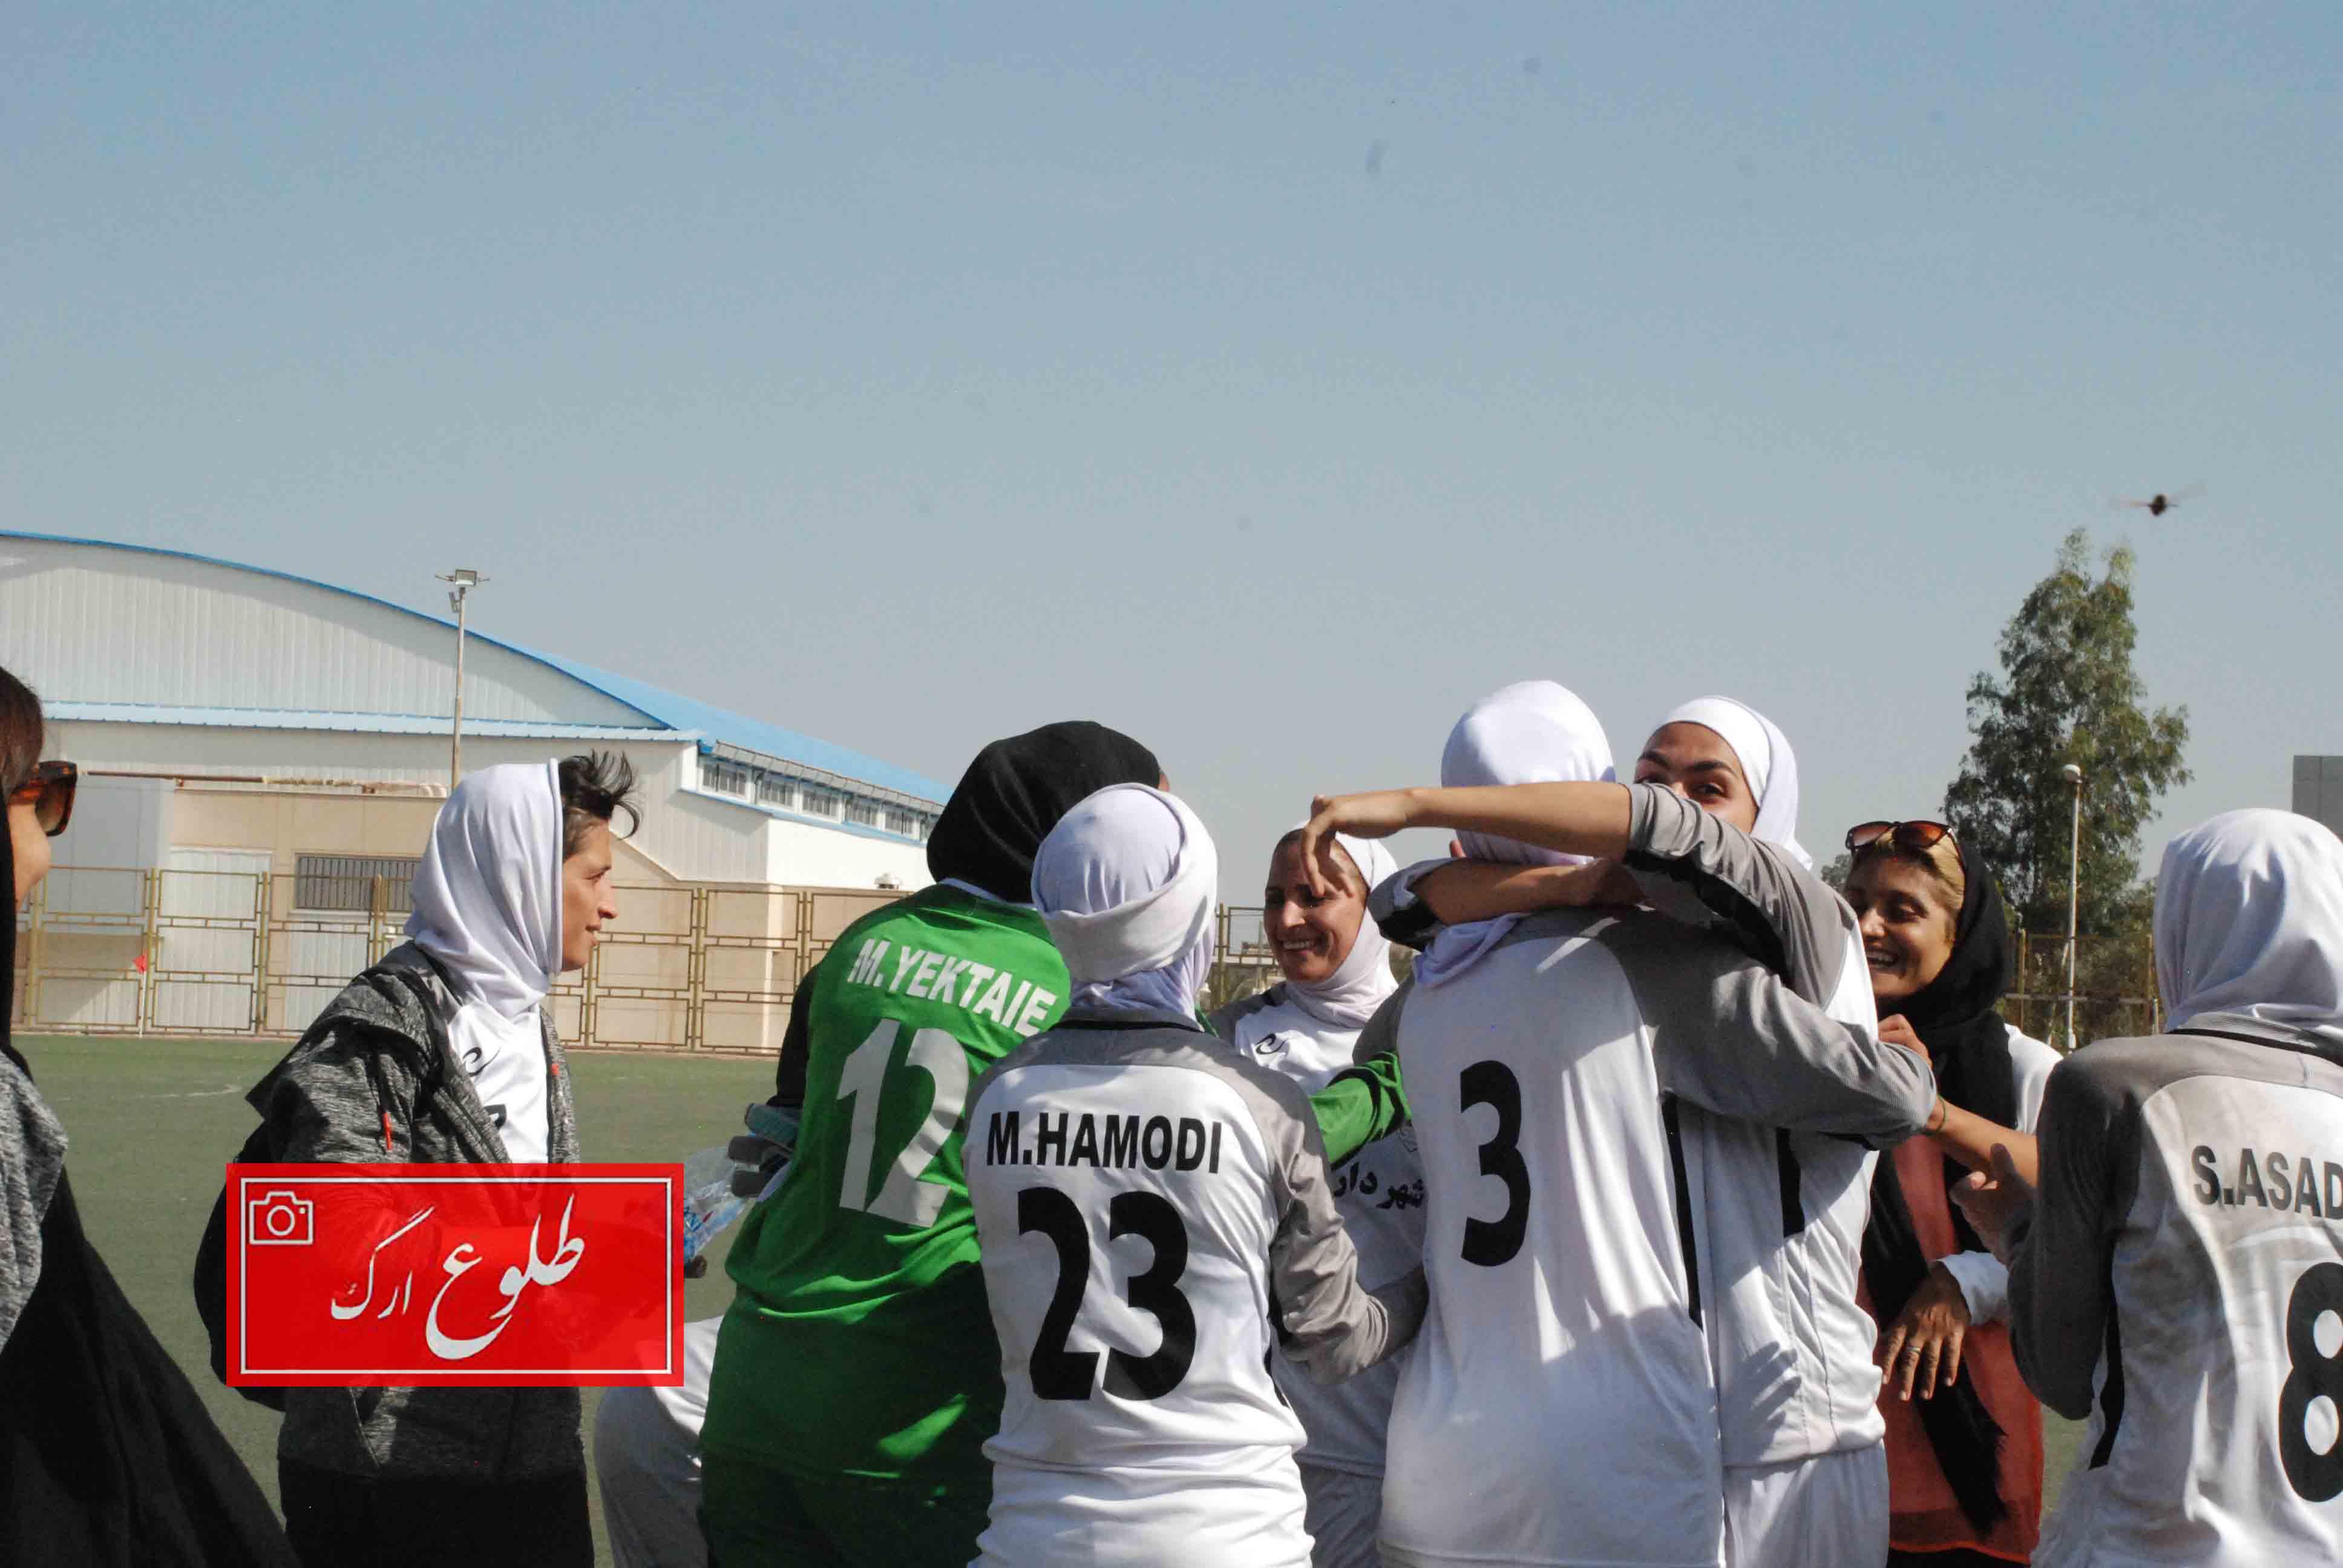 انصراف خیبر خرم آباد و اعلام باخت فنی در مقابل شهرداری بم